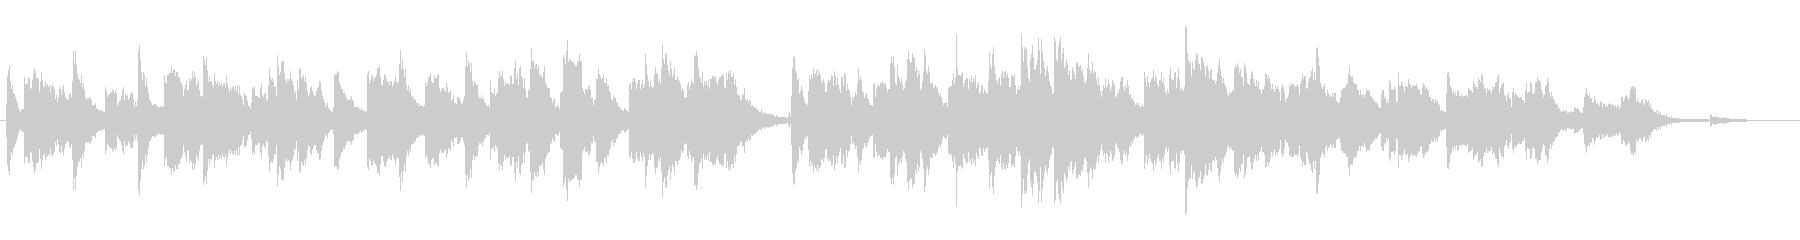 透明感のあるソプラノサックスとピアノの未再生の波形